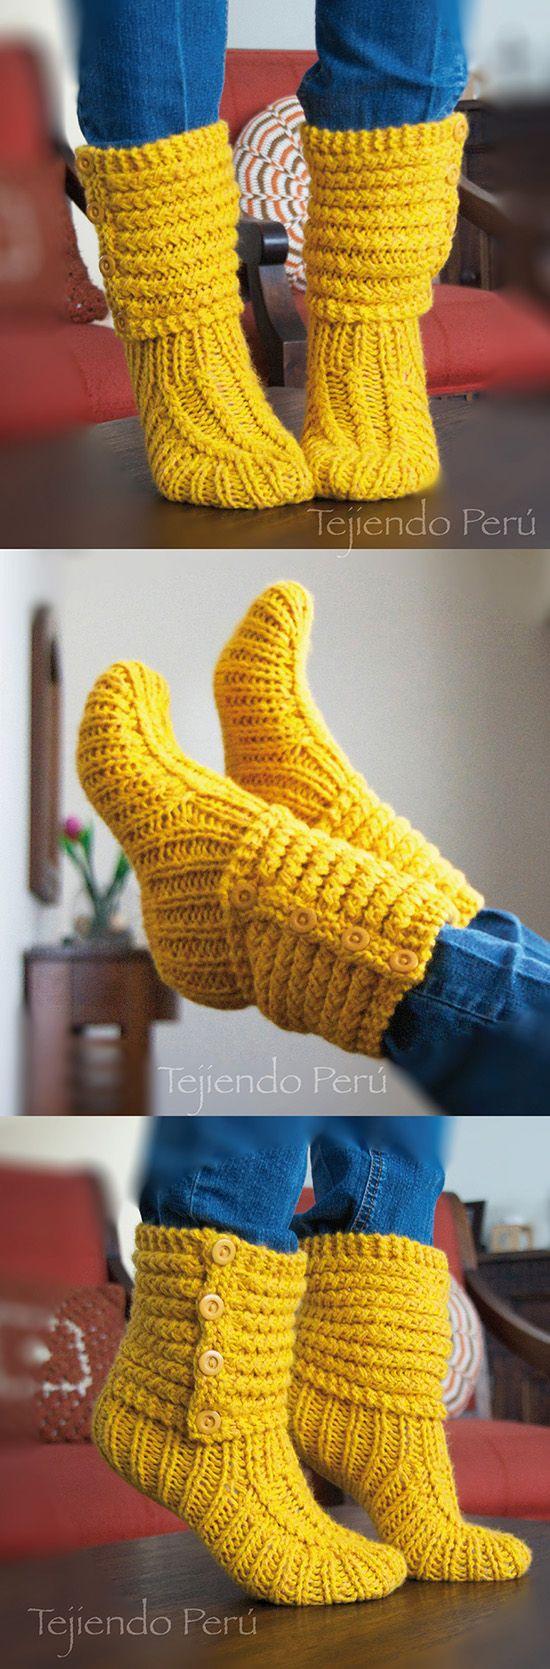 Botas de casa tejidas en dos agujas o palitos en el punto choclo o maíz! Video del paso a paso con toooodos los detalles :)